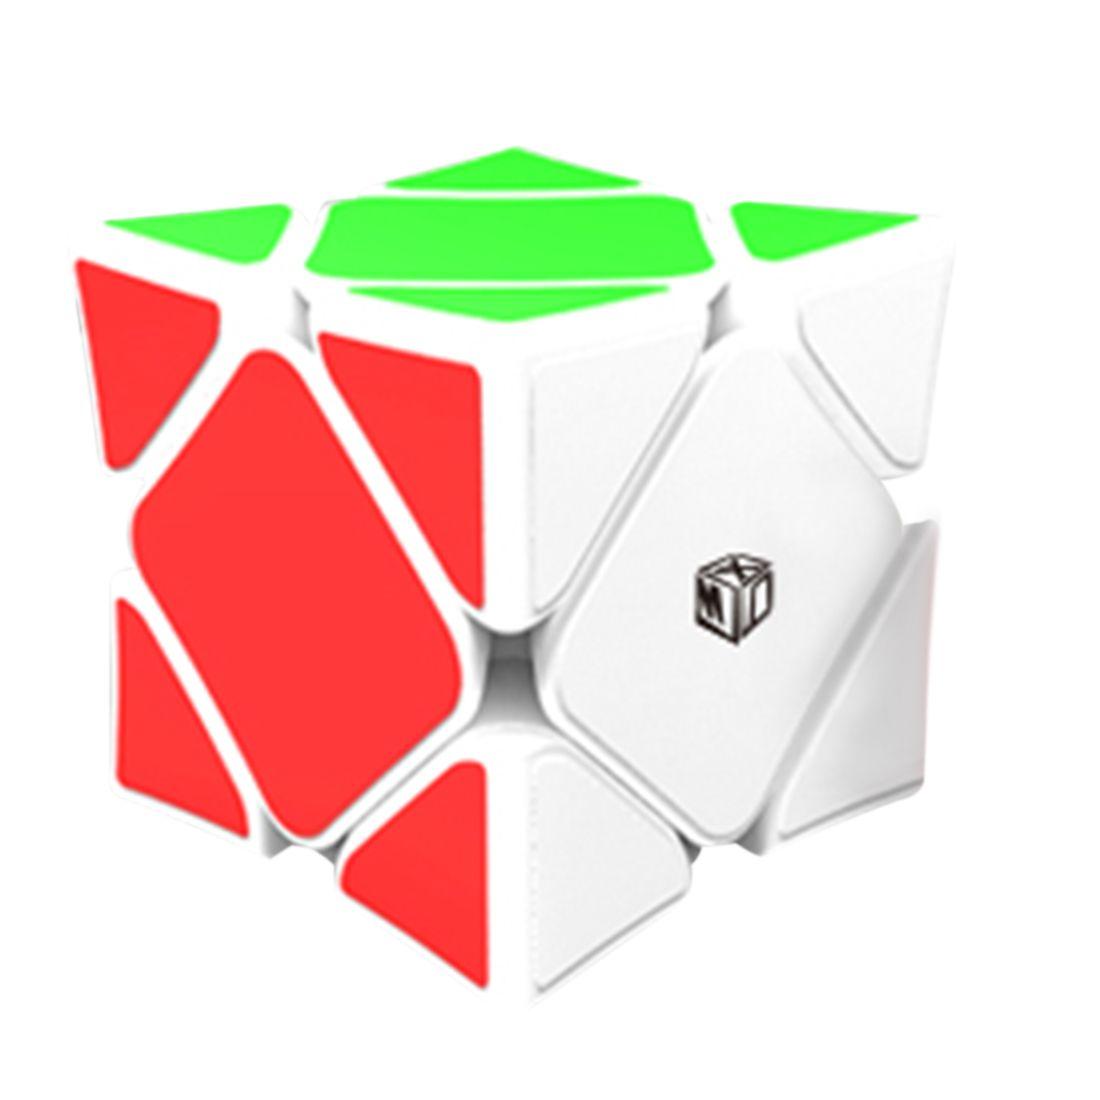 QiYi Cóncava Cubos de Velocidad Skewb Cubo Mágico con Sistema de Posicionamiento Magnético Rompecabezas Juguetes Para Los Niños